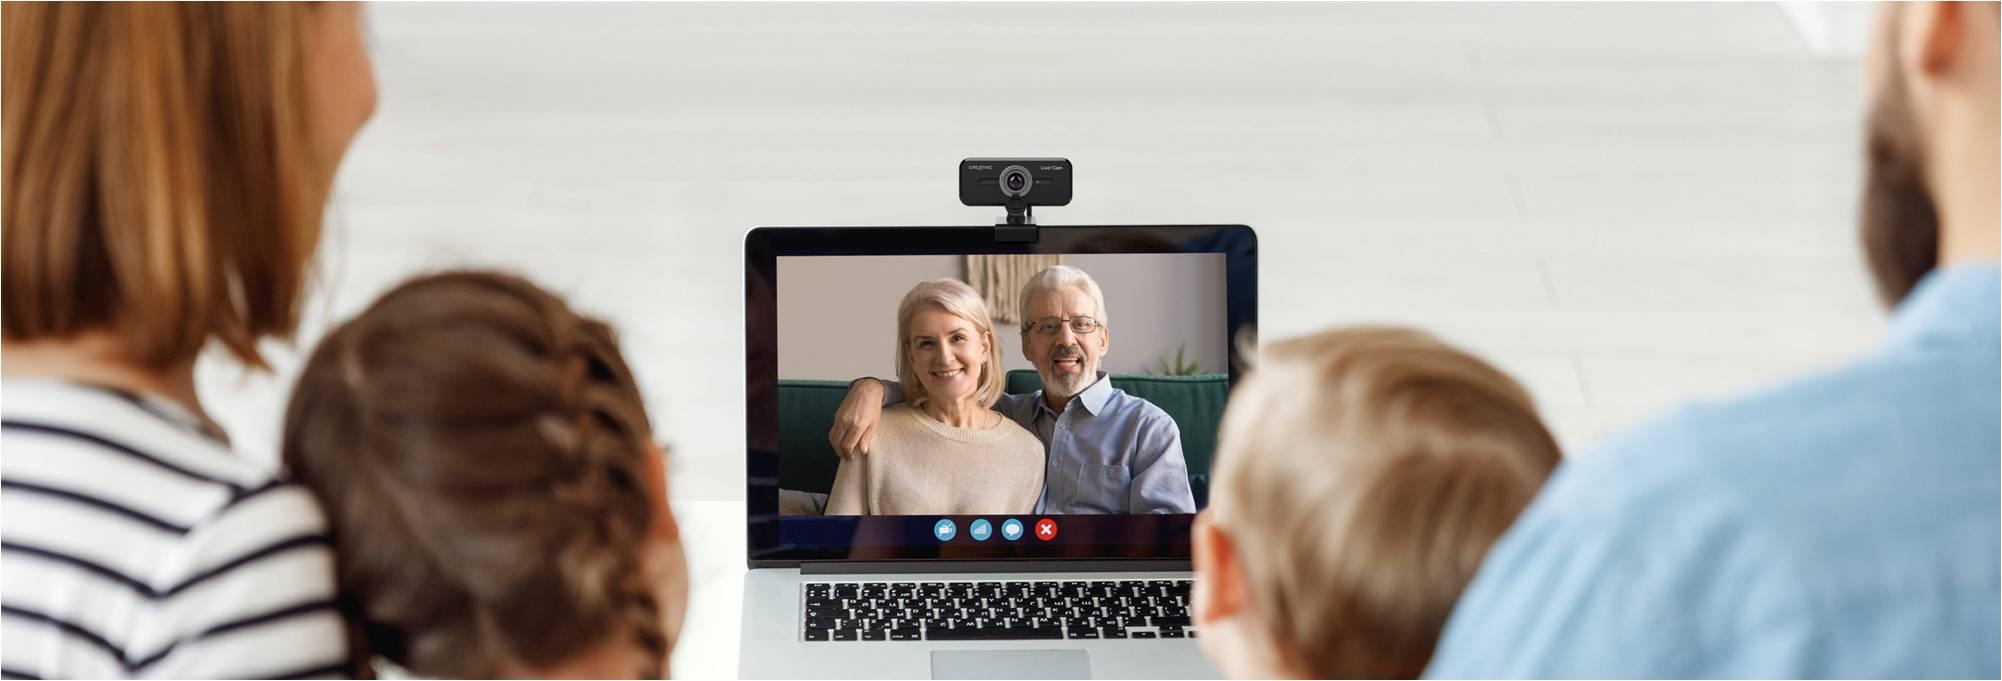 new -Creative-Live-Cam-Sync-1080p-V2-1